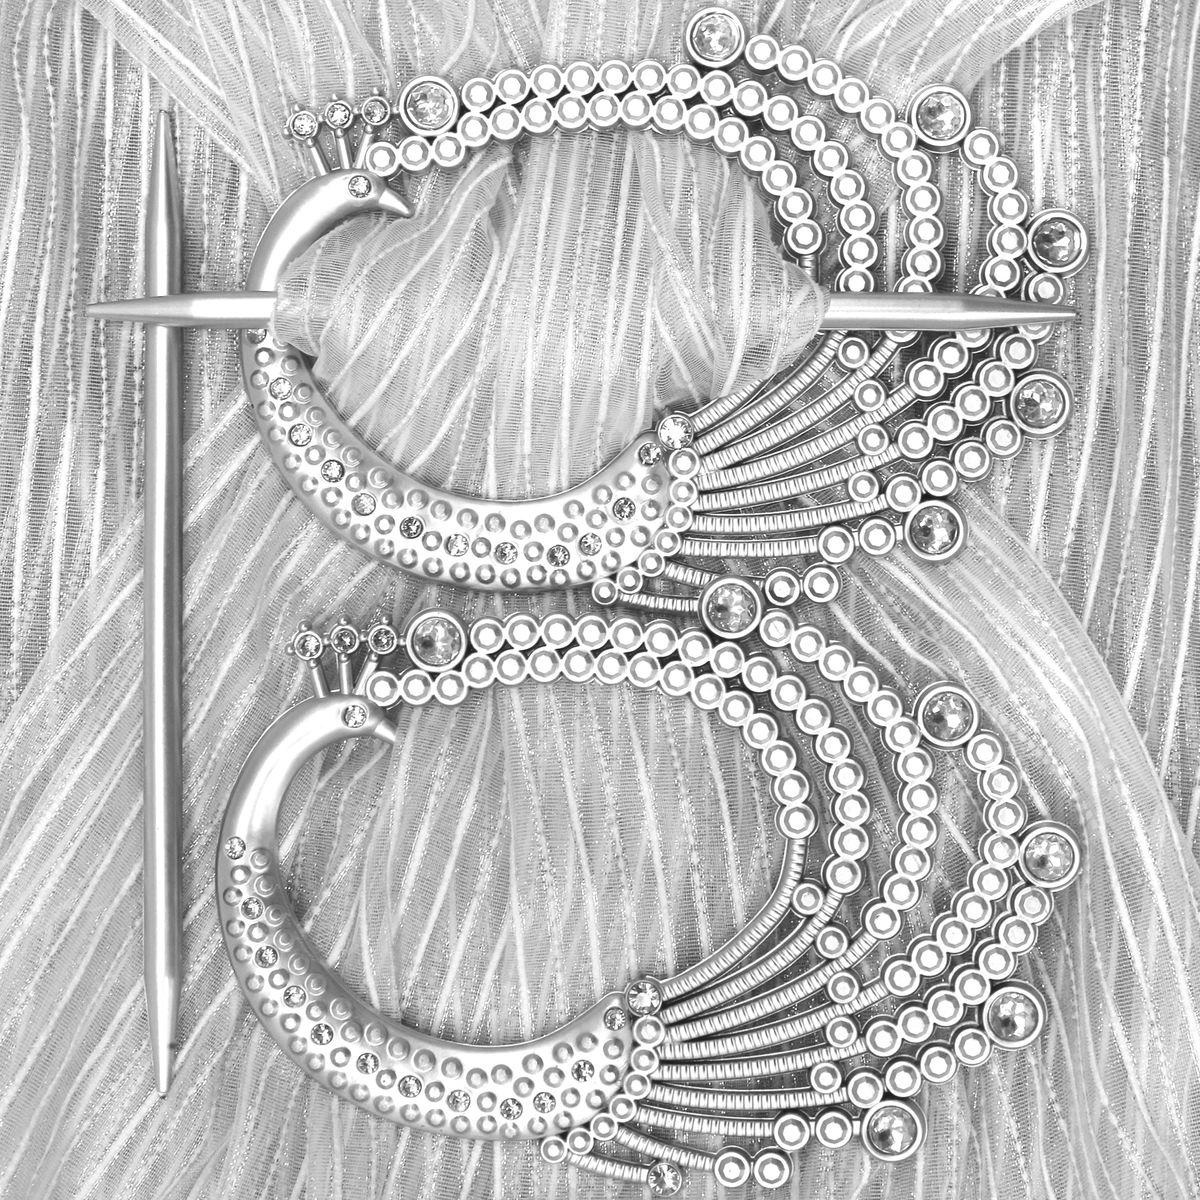 Заколка для штор TexRepublic Pavlin, цвет: серебристый, 2 шт. MI C7-179038Заколка TexRepublic Pavlin, выполненная из высококачественного пластика, предназначена для фиксации штор или для формирования декоративных складок на ткани. С ее помощью можно зафиксировать шторы или скрепить их, придать им требуемое положение, сделать симметричные складки. Заколка для штор является универсальным изделием, которое превосходно подойдет для любых видов штор. Изделие придаст шторам восхитительный, стильный внешний вид и добавит уют в интерьер помещения. В комплекте 2 заколки.